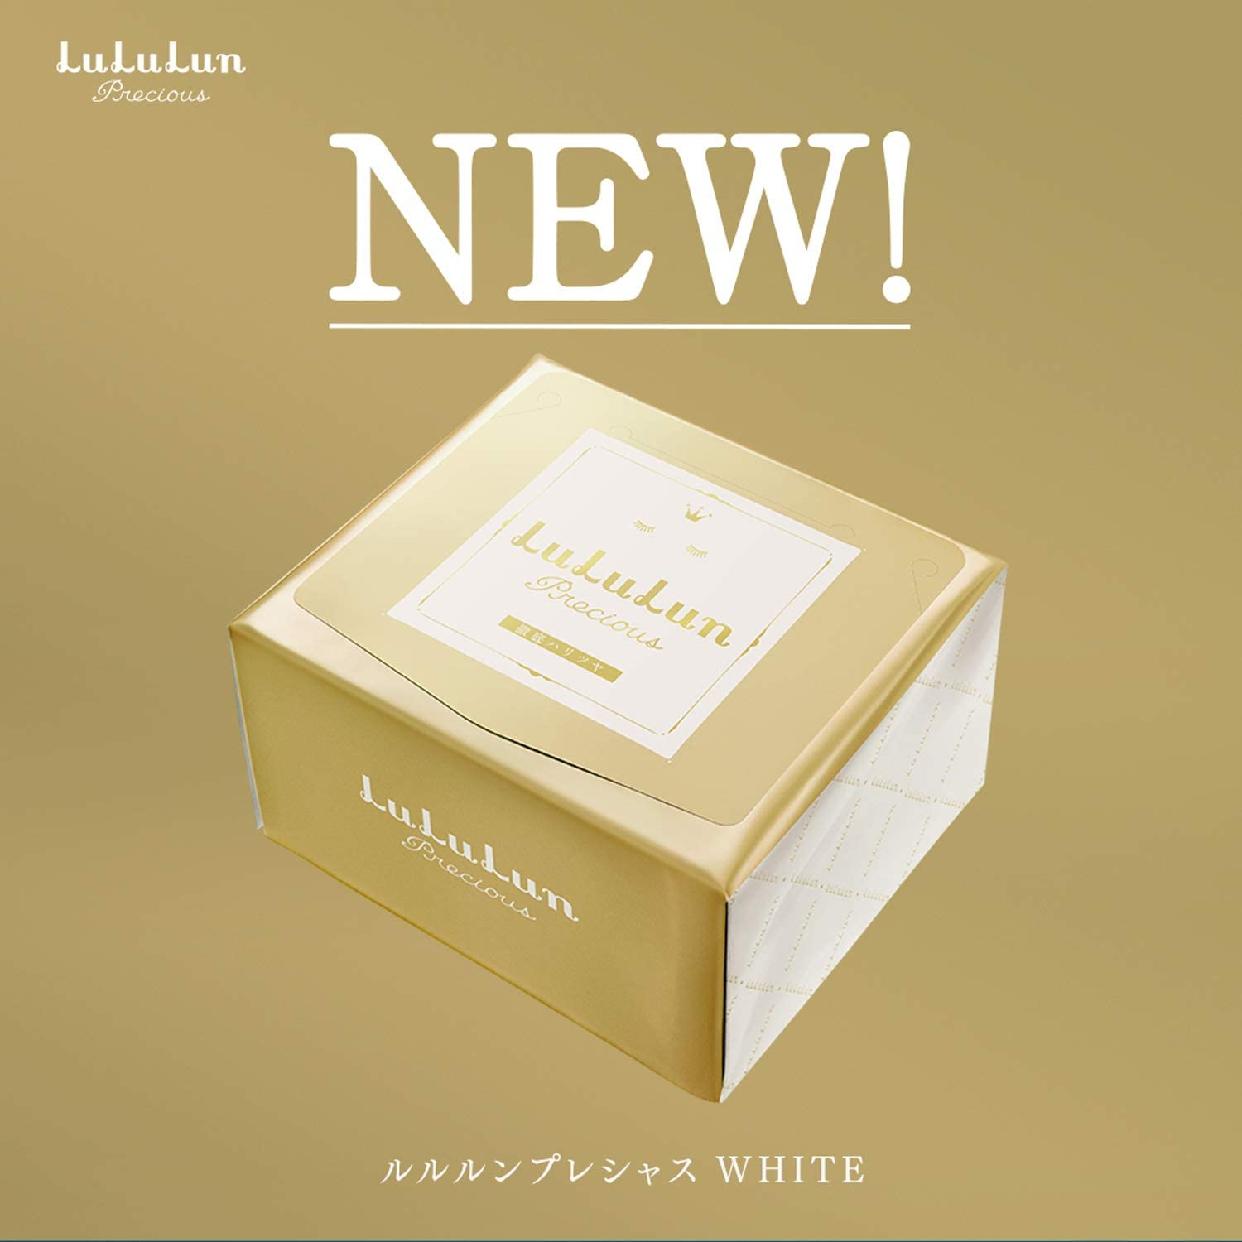 LuLuLun(ルルルン) プレシャス WHITE 徹底ハリツヤのWHITEの商品画像6